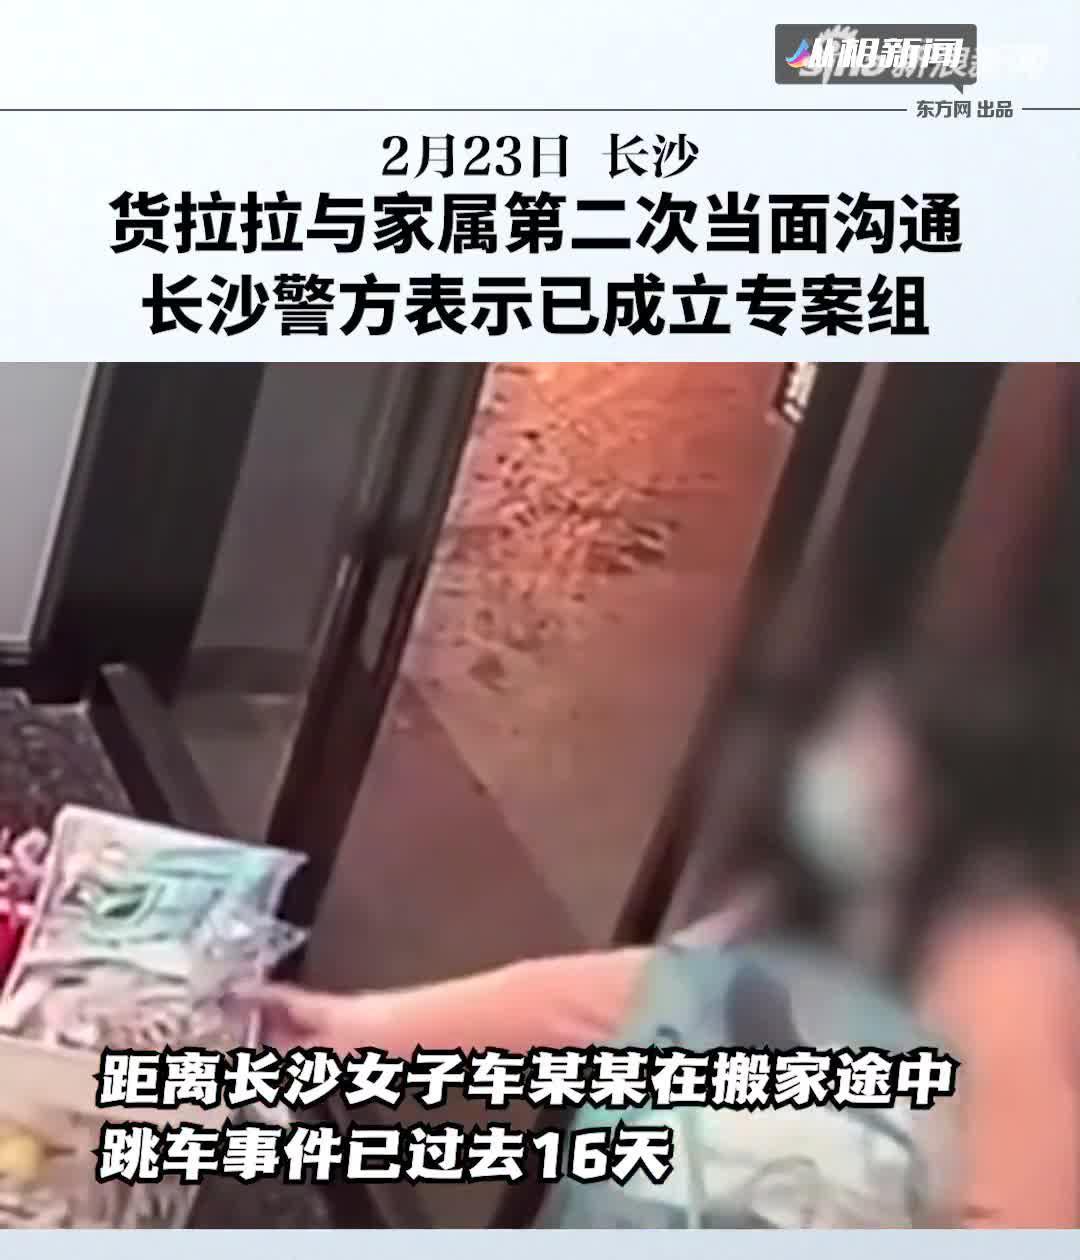 女孩乘货拉拉跳车身亡 警方成立专案组调查